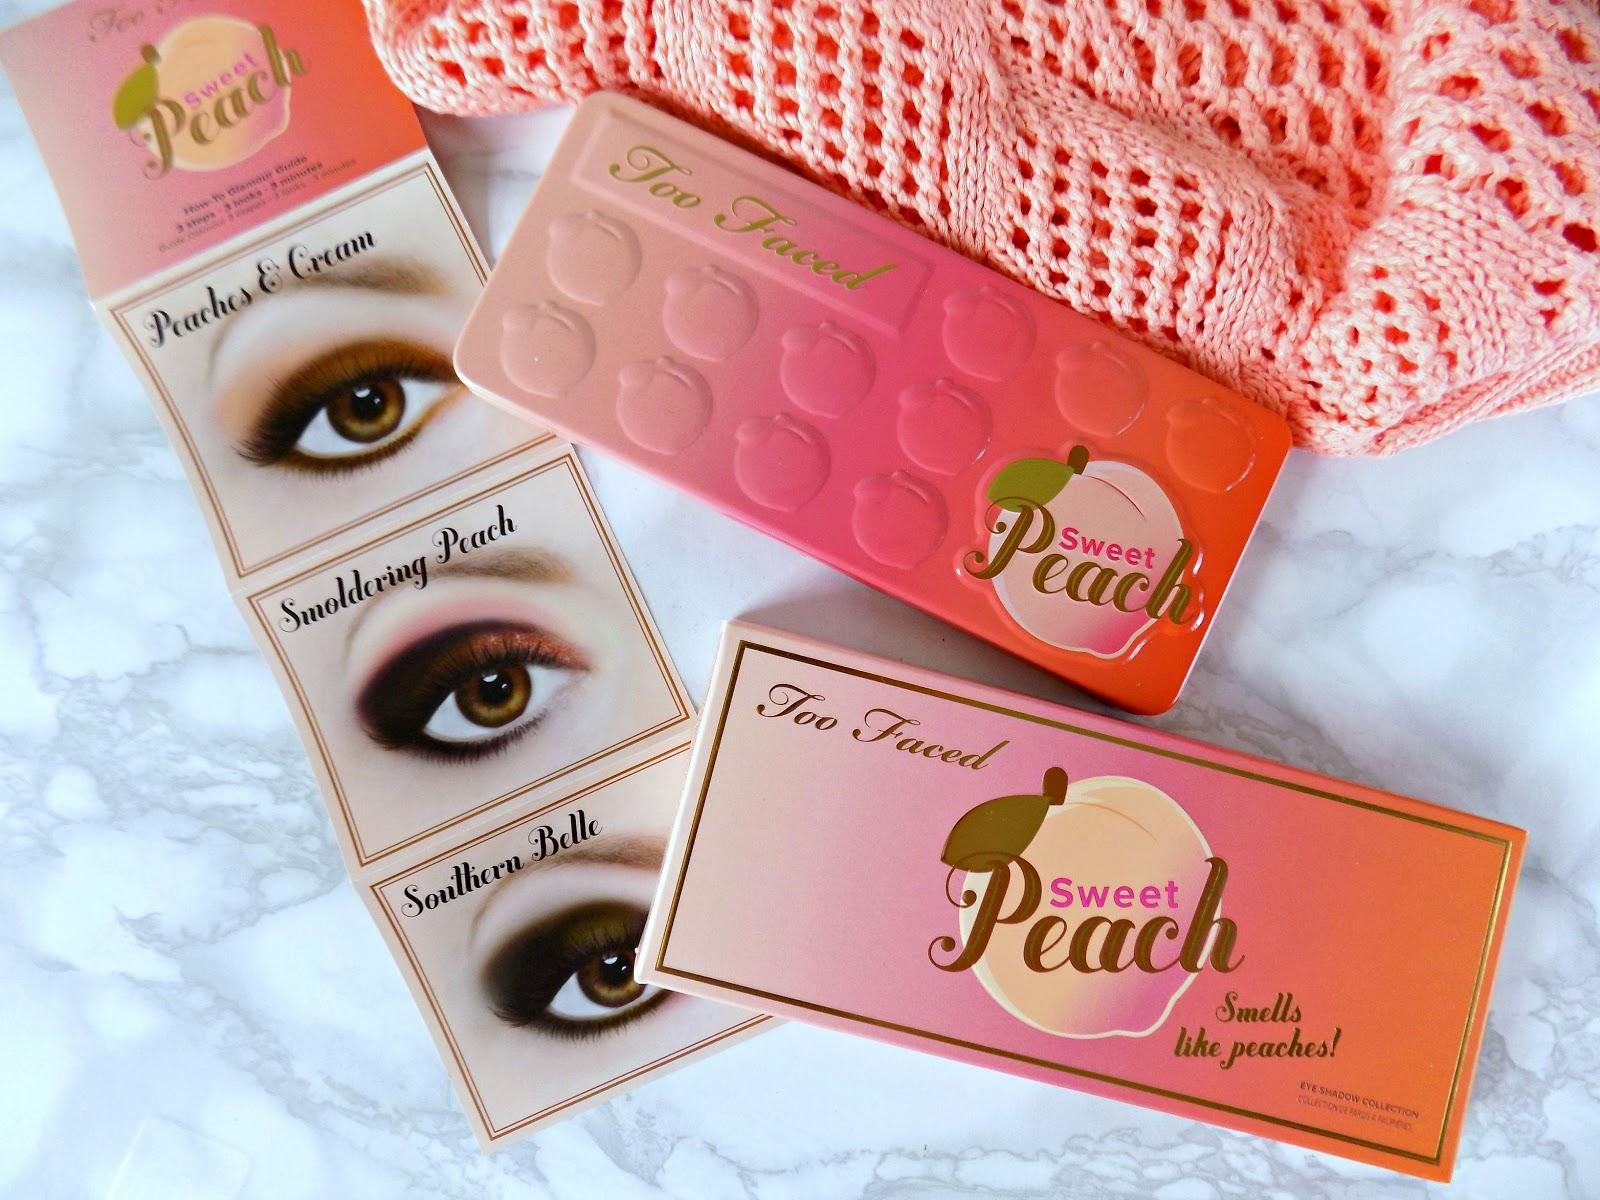 Too Faced Sweet Peach Eye Palette ทู เฟค สวีท พีช อาย พาเลท พาเลทอายแชโดว์ 18 เฉดสี ราคาปลีก บาท ราคาส่ง บาท